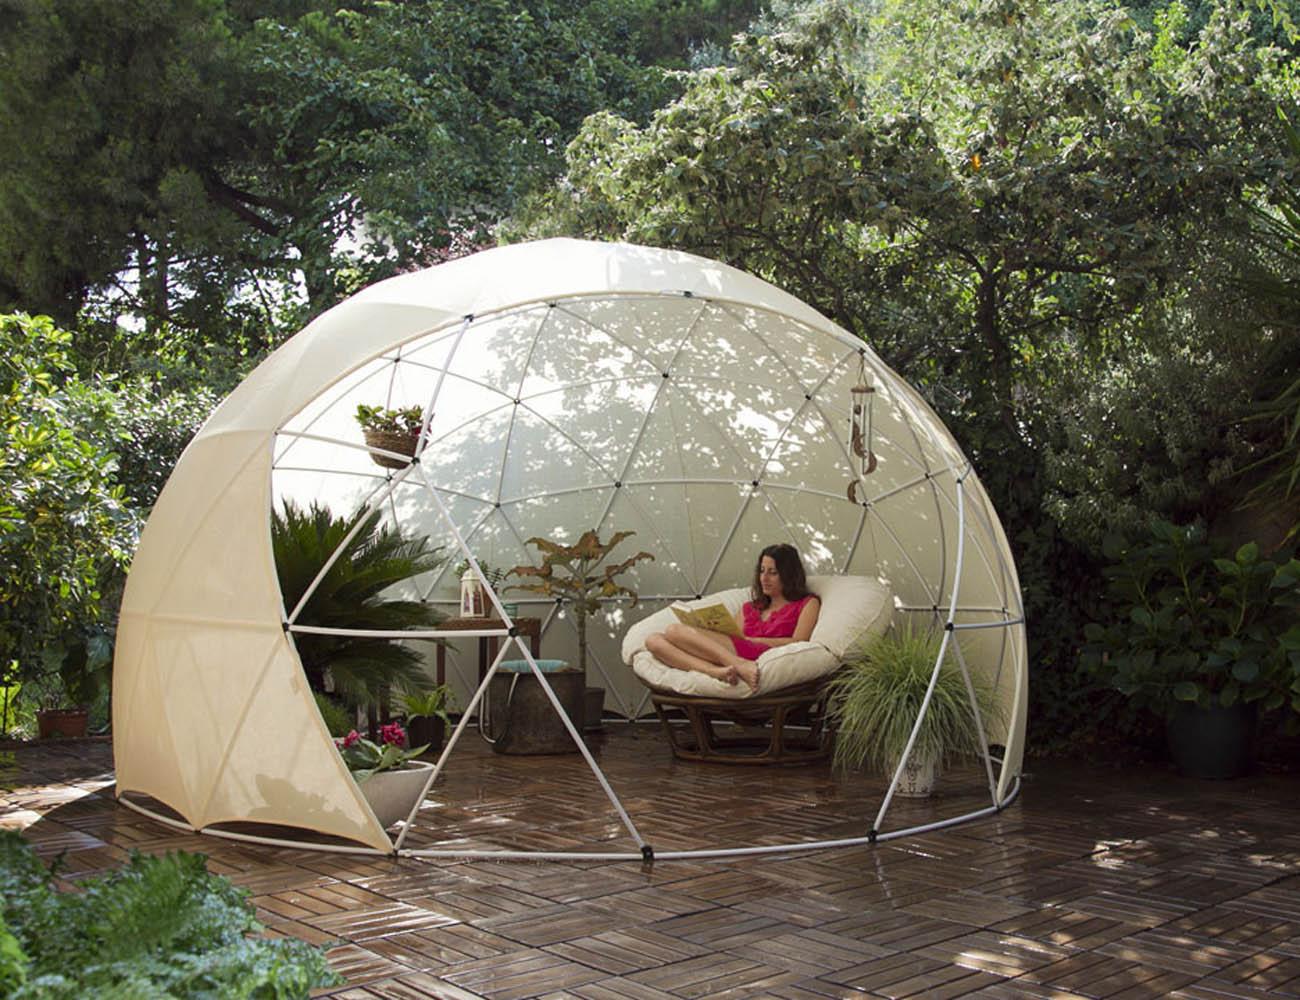 Garden Igloo – Outdoor Living Space For Your Garden